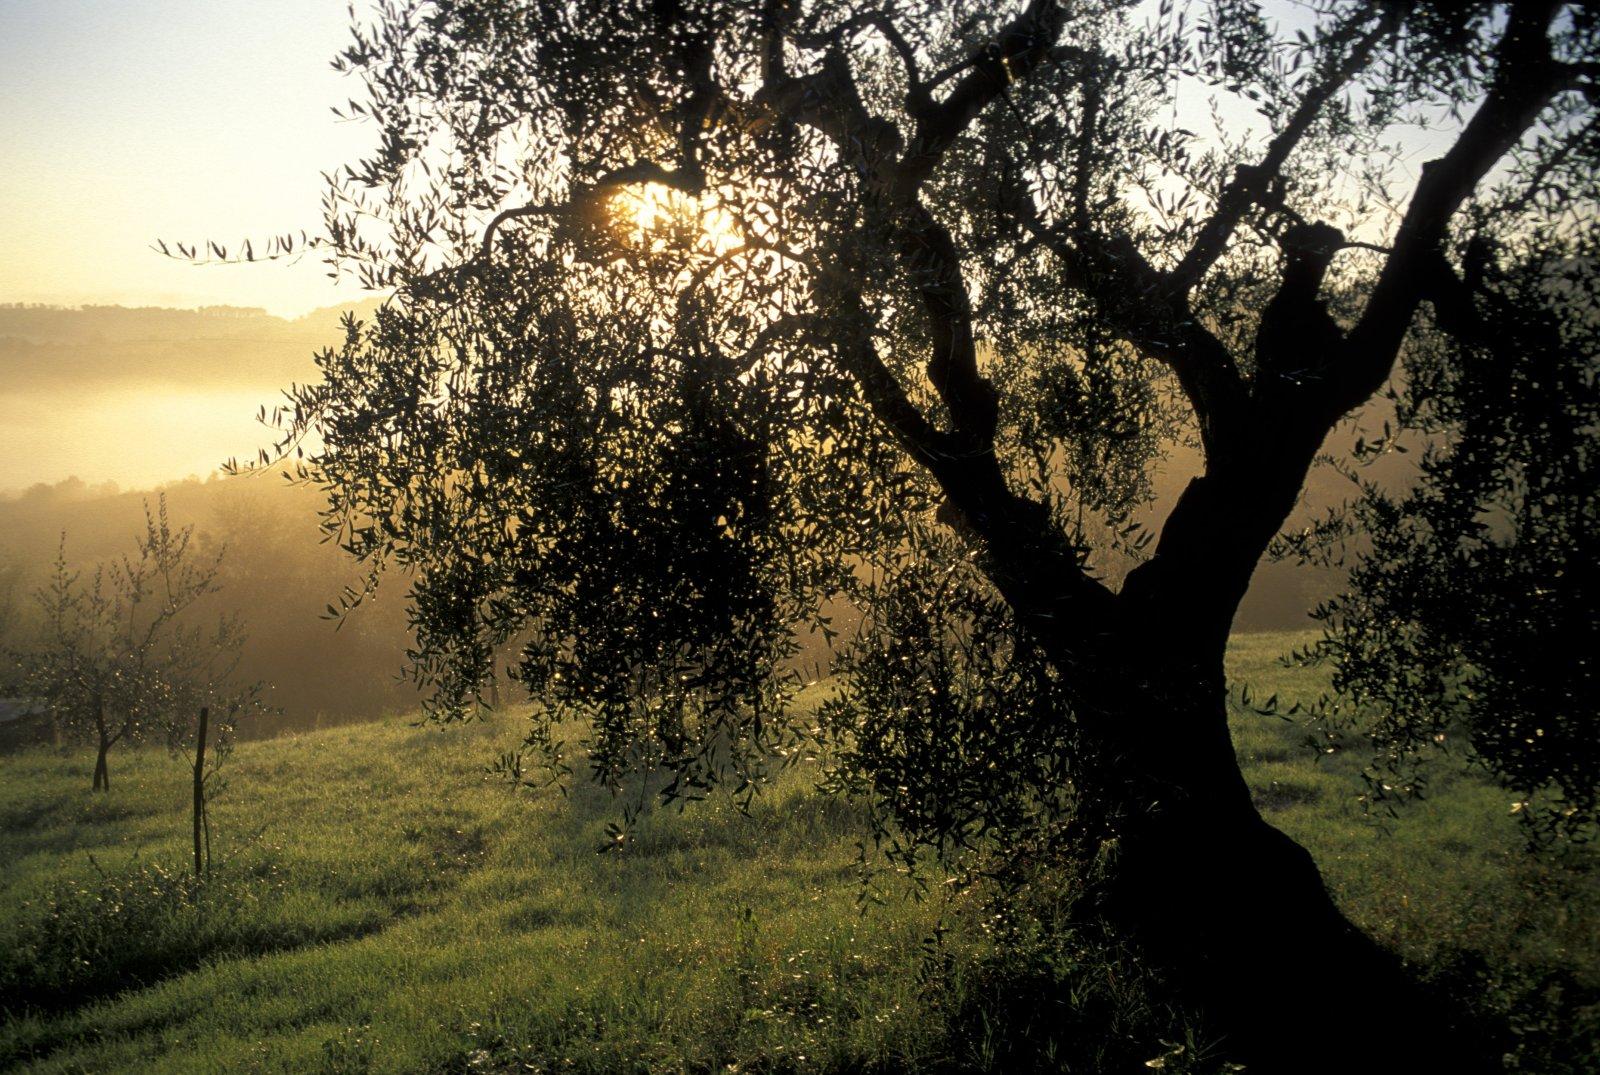 San Miniato - La Toscana in tutti i suoi aspetti - Toscana Ovunque Bella